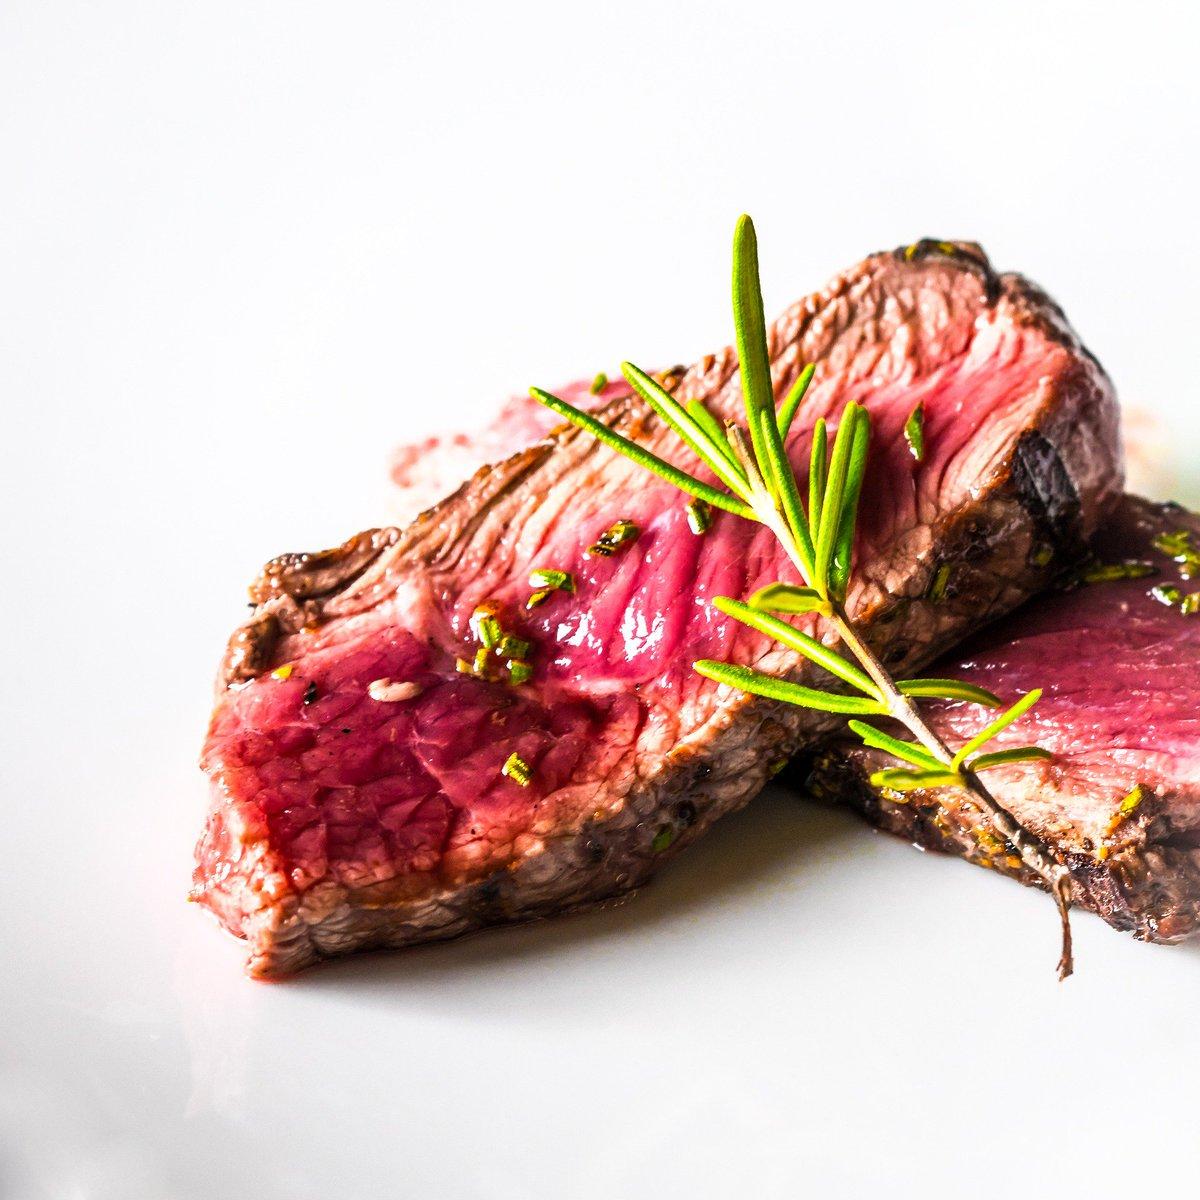 Ketogene Ernährung und das richtige Maß an Proteinen  - #ms #multiplesklerose #gesundeernährung #ketogenediät #ketone #ketogeneernährung #biohacking #genesishealth